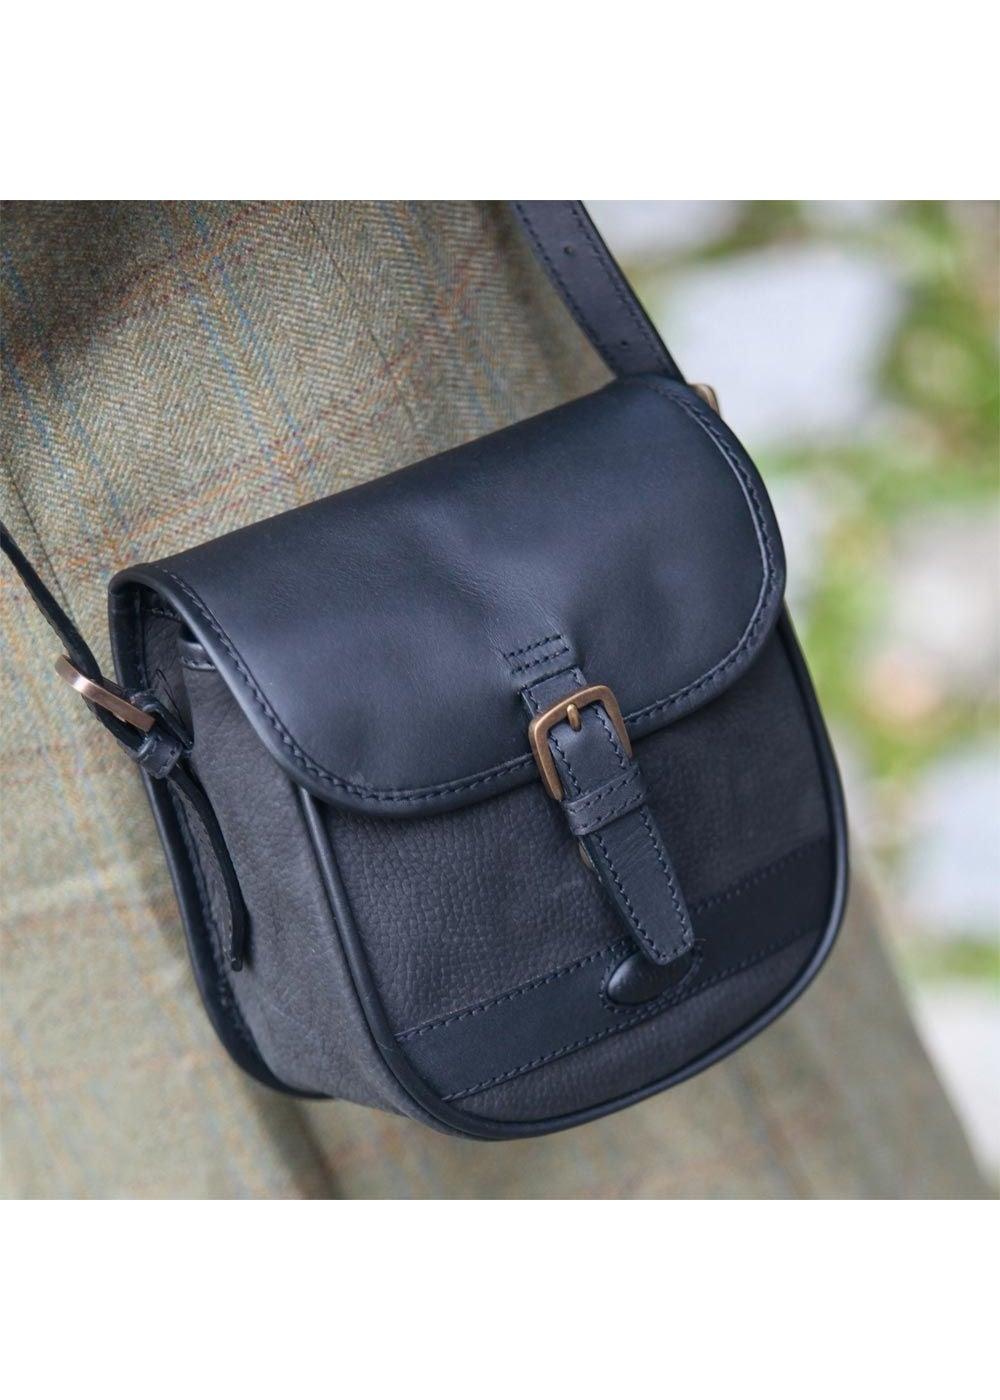 a0f3a95c7dd Dubarry Clara Large Saddle Bag- A Hume